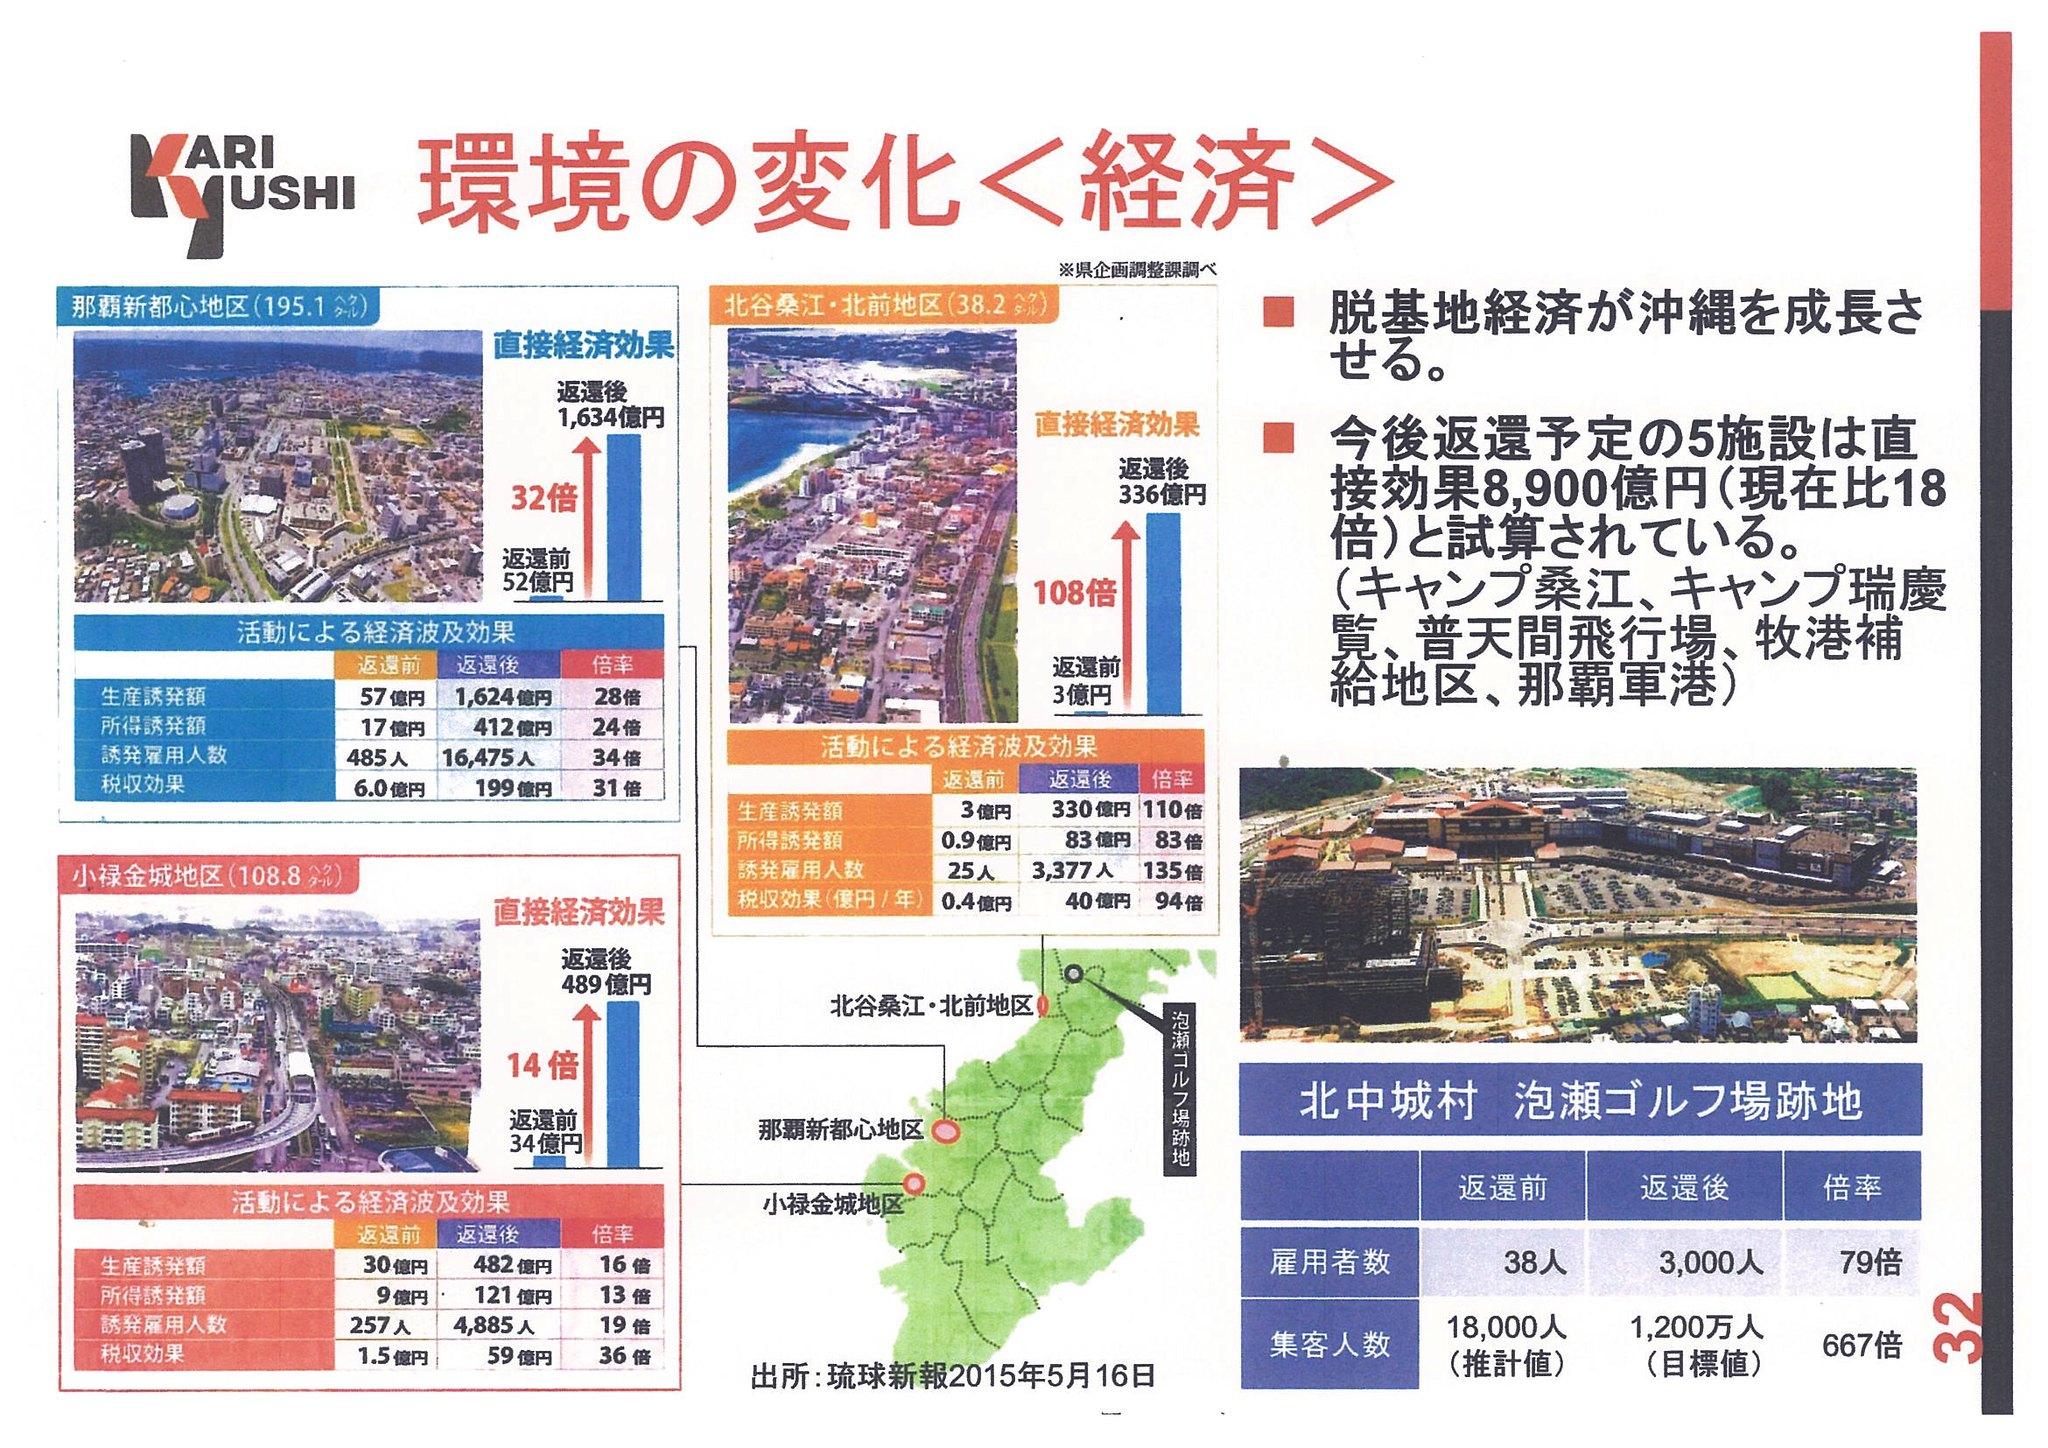 沖繩縣觀光局製作的基地歸還前後經濟與雇傭狀況對照。